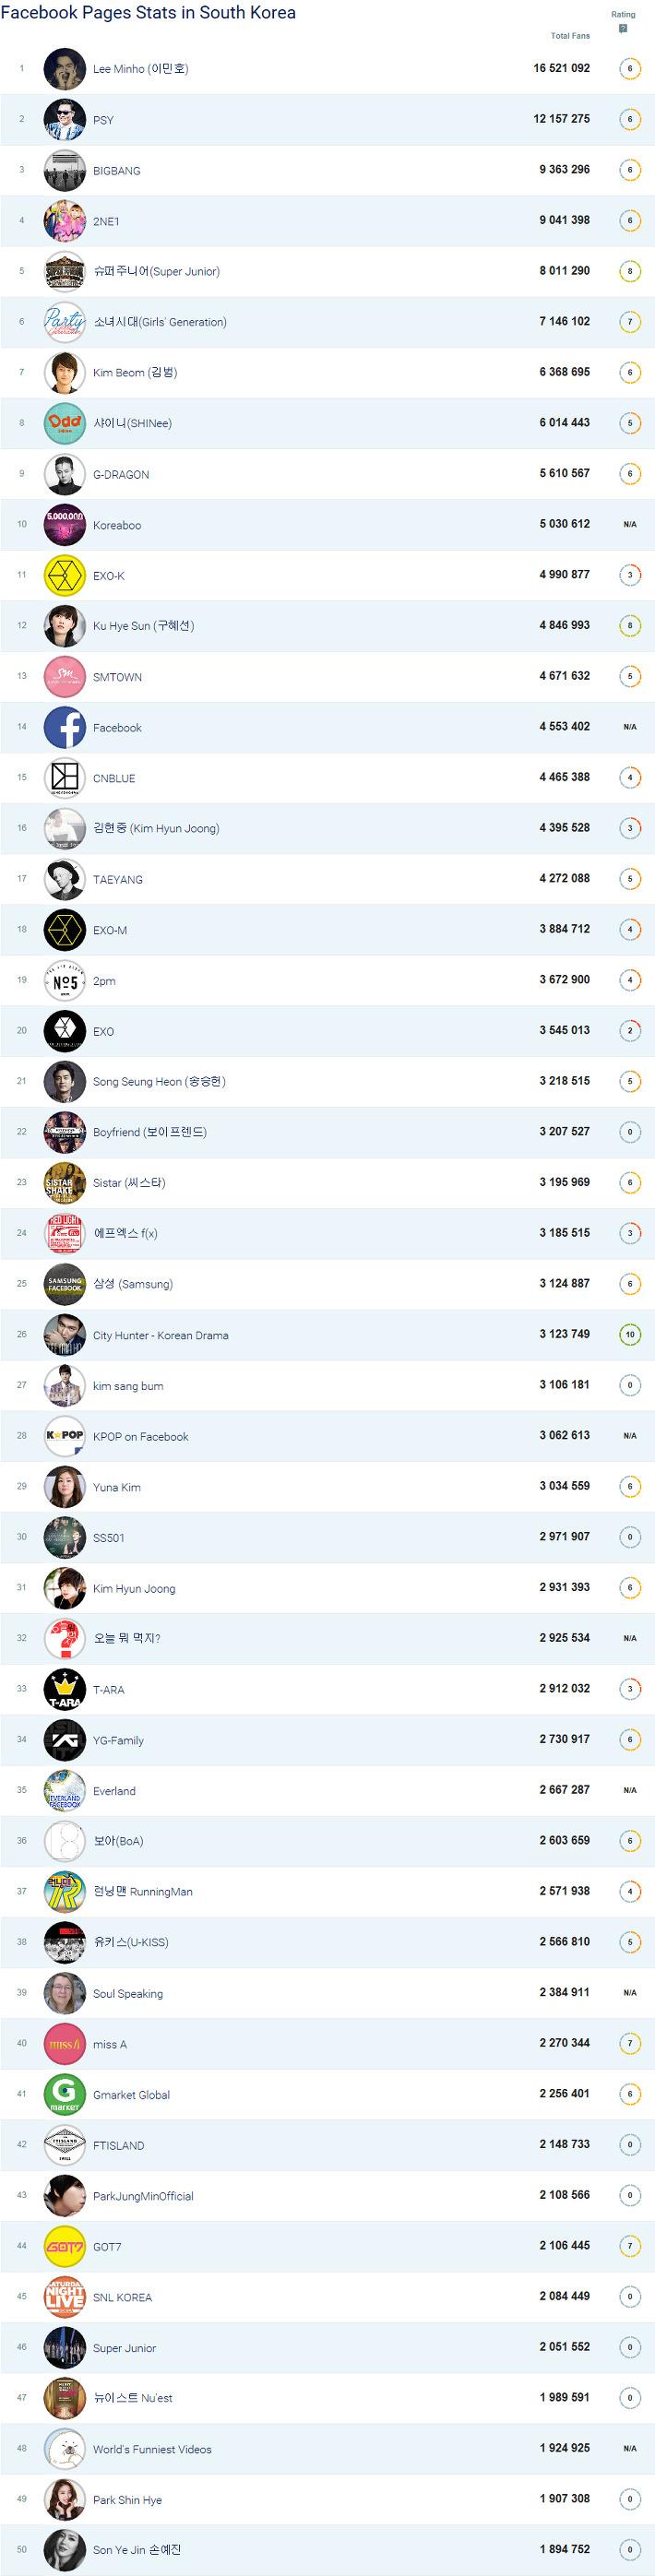 대한민국 페이스북 인기 순위 TOP 50